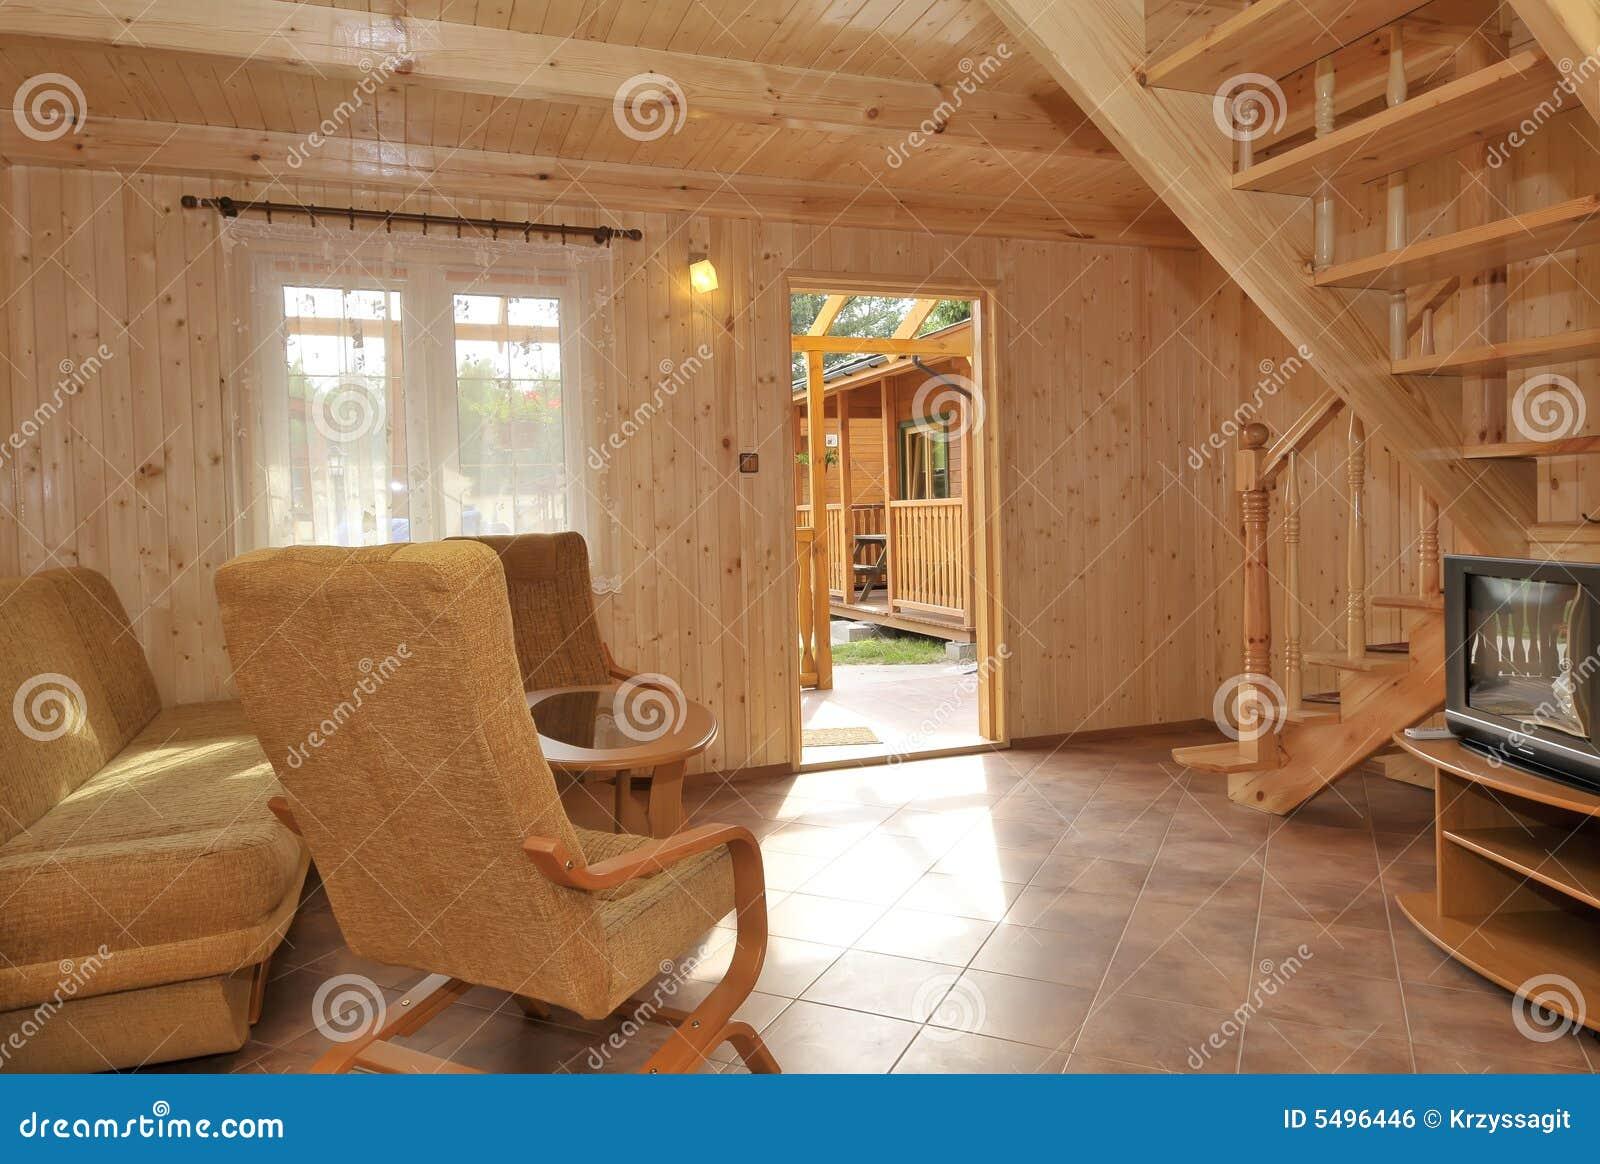 Bois Lambriss Int Rieur De Maison Image Libre De Droits Image 5496446